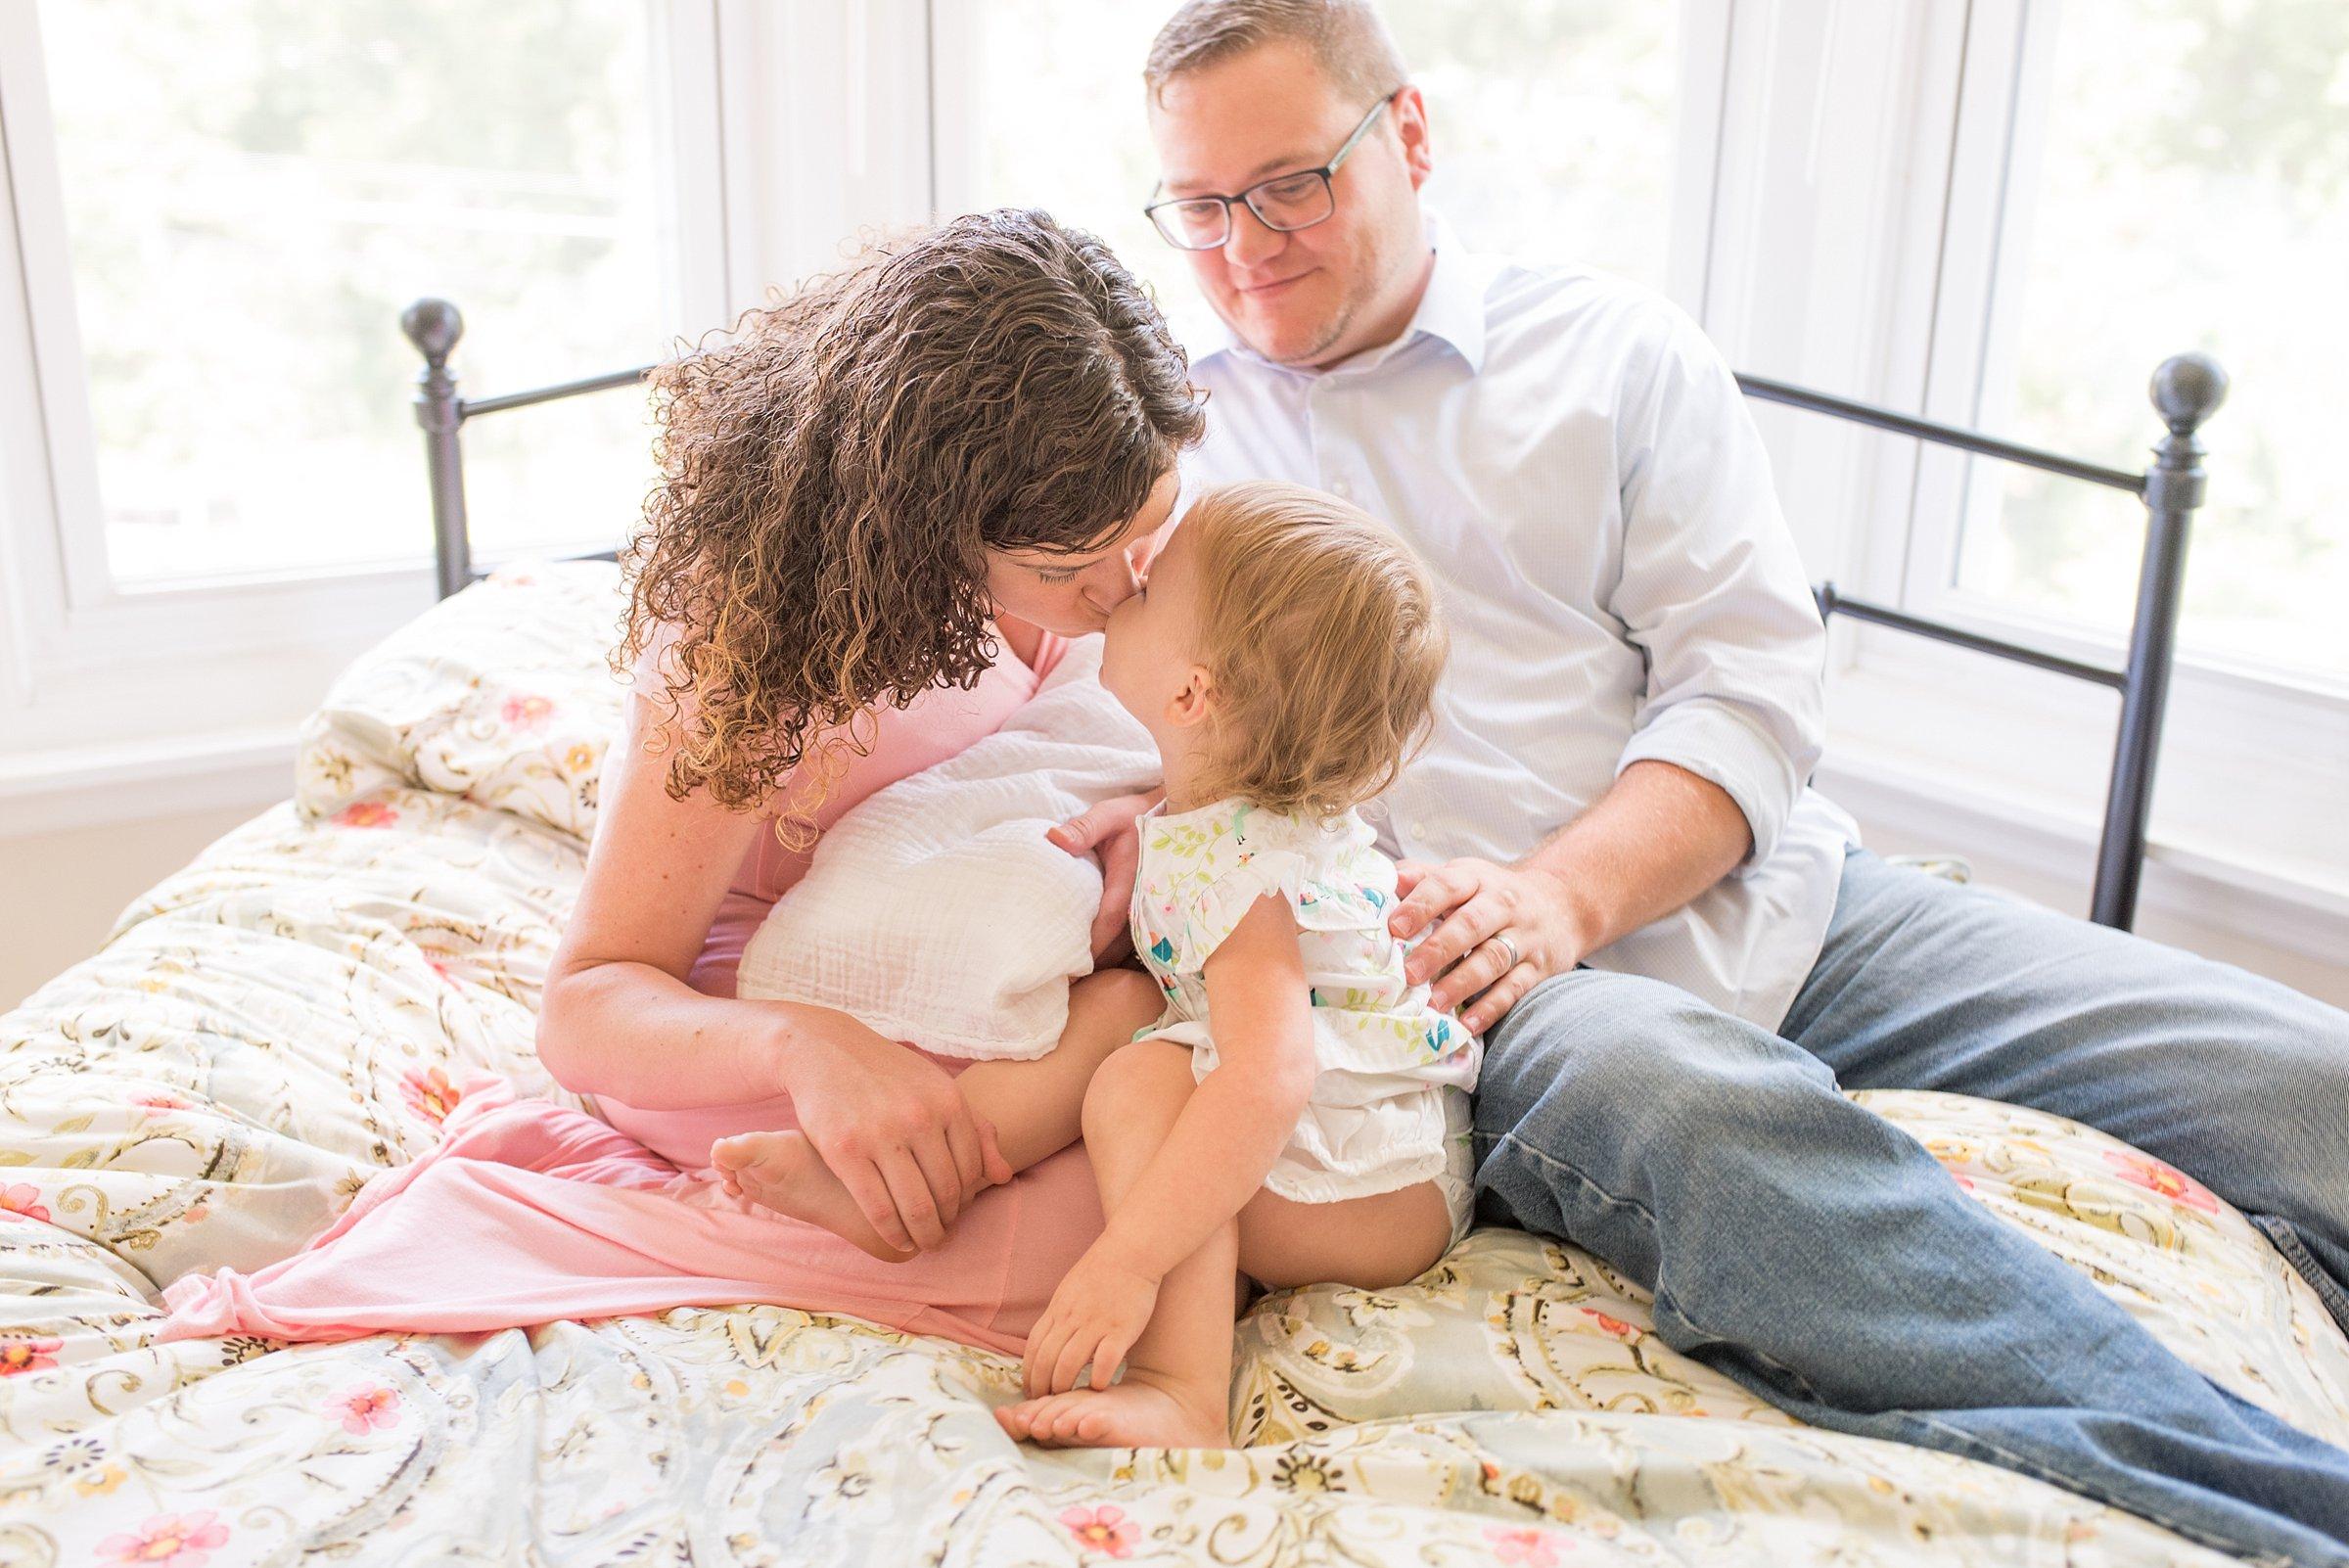 Newborn Photography Pittsburgh Rachel Rossetti_0208.jpg